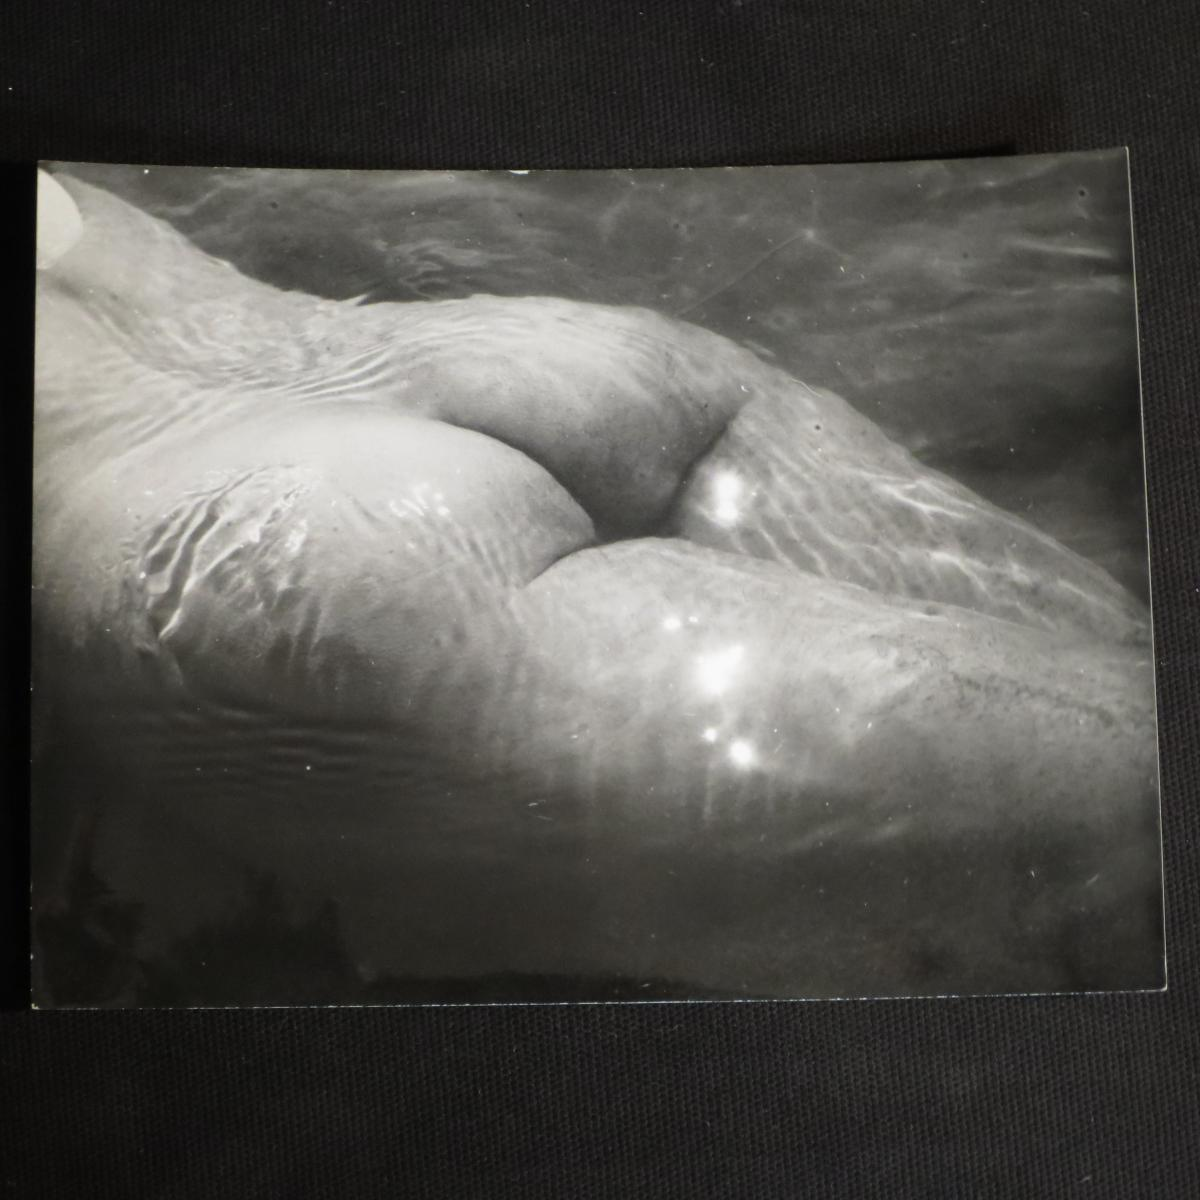 Lucien CLERGUE tirage photographique NU DE LA MER 1965 photo argentique